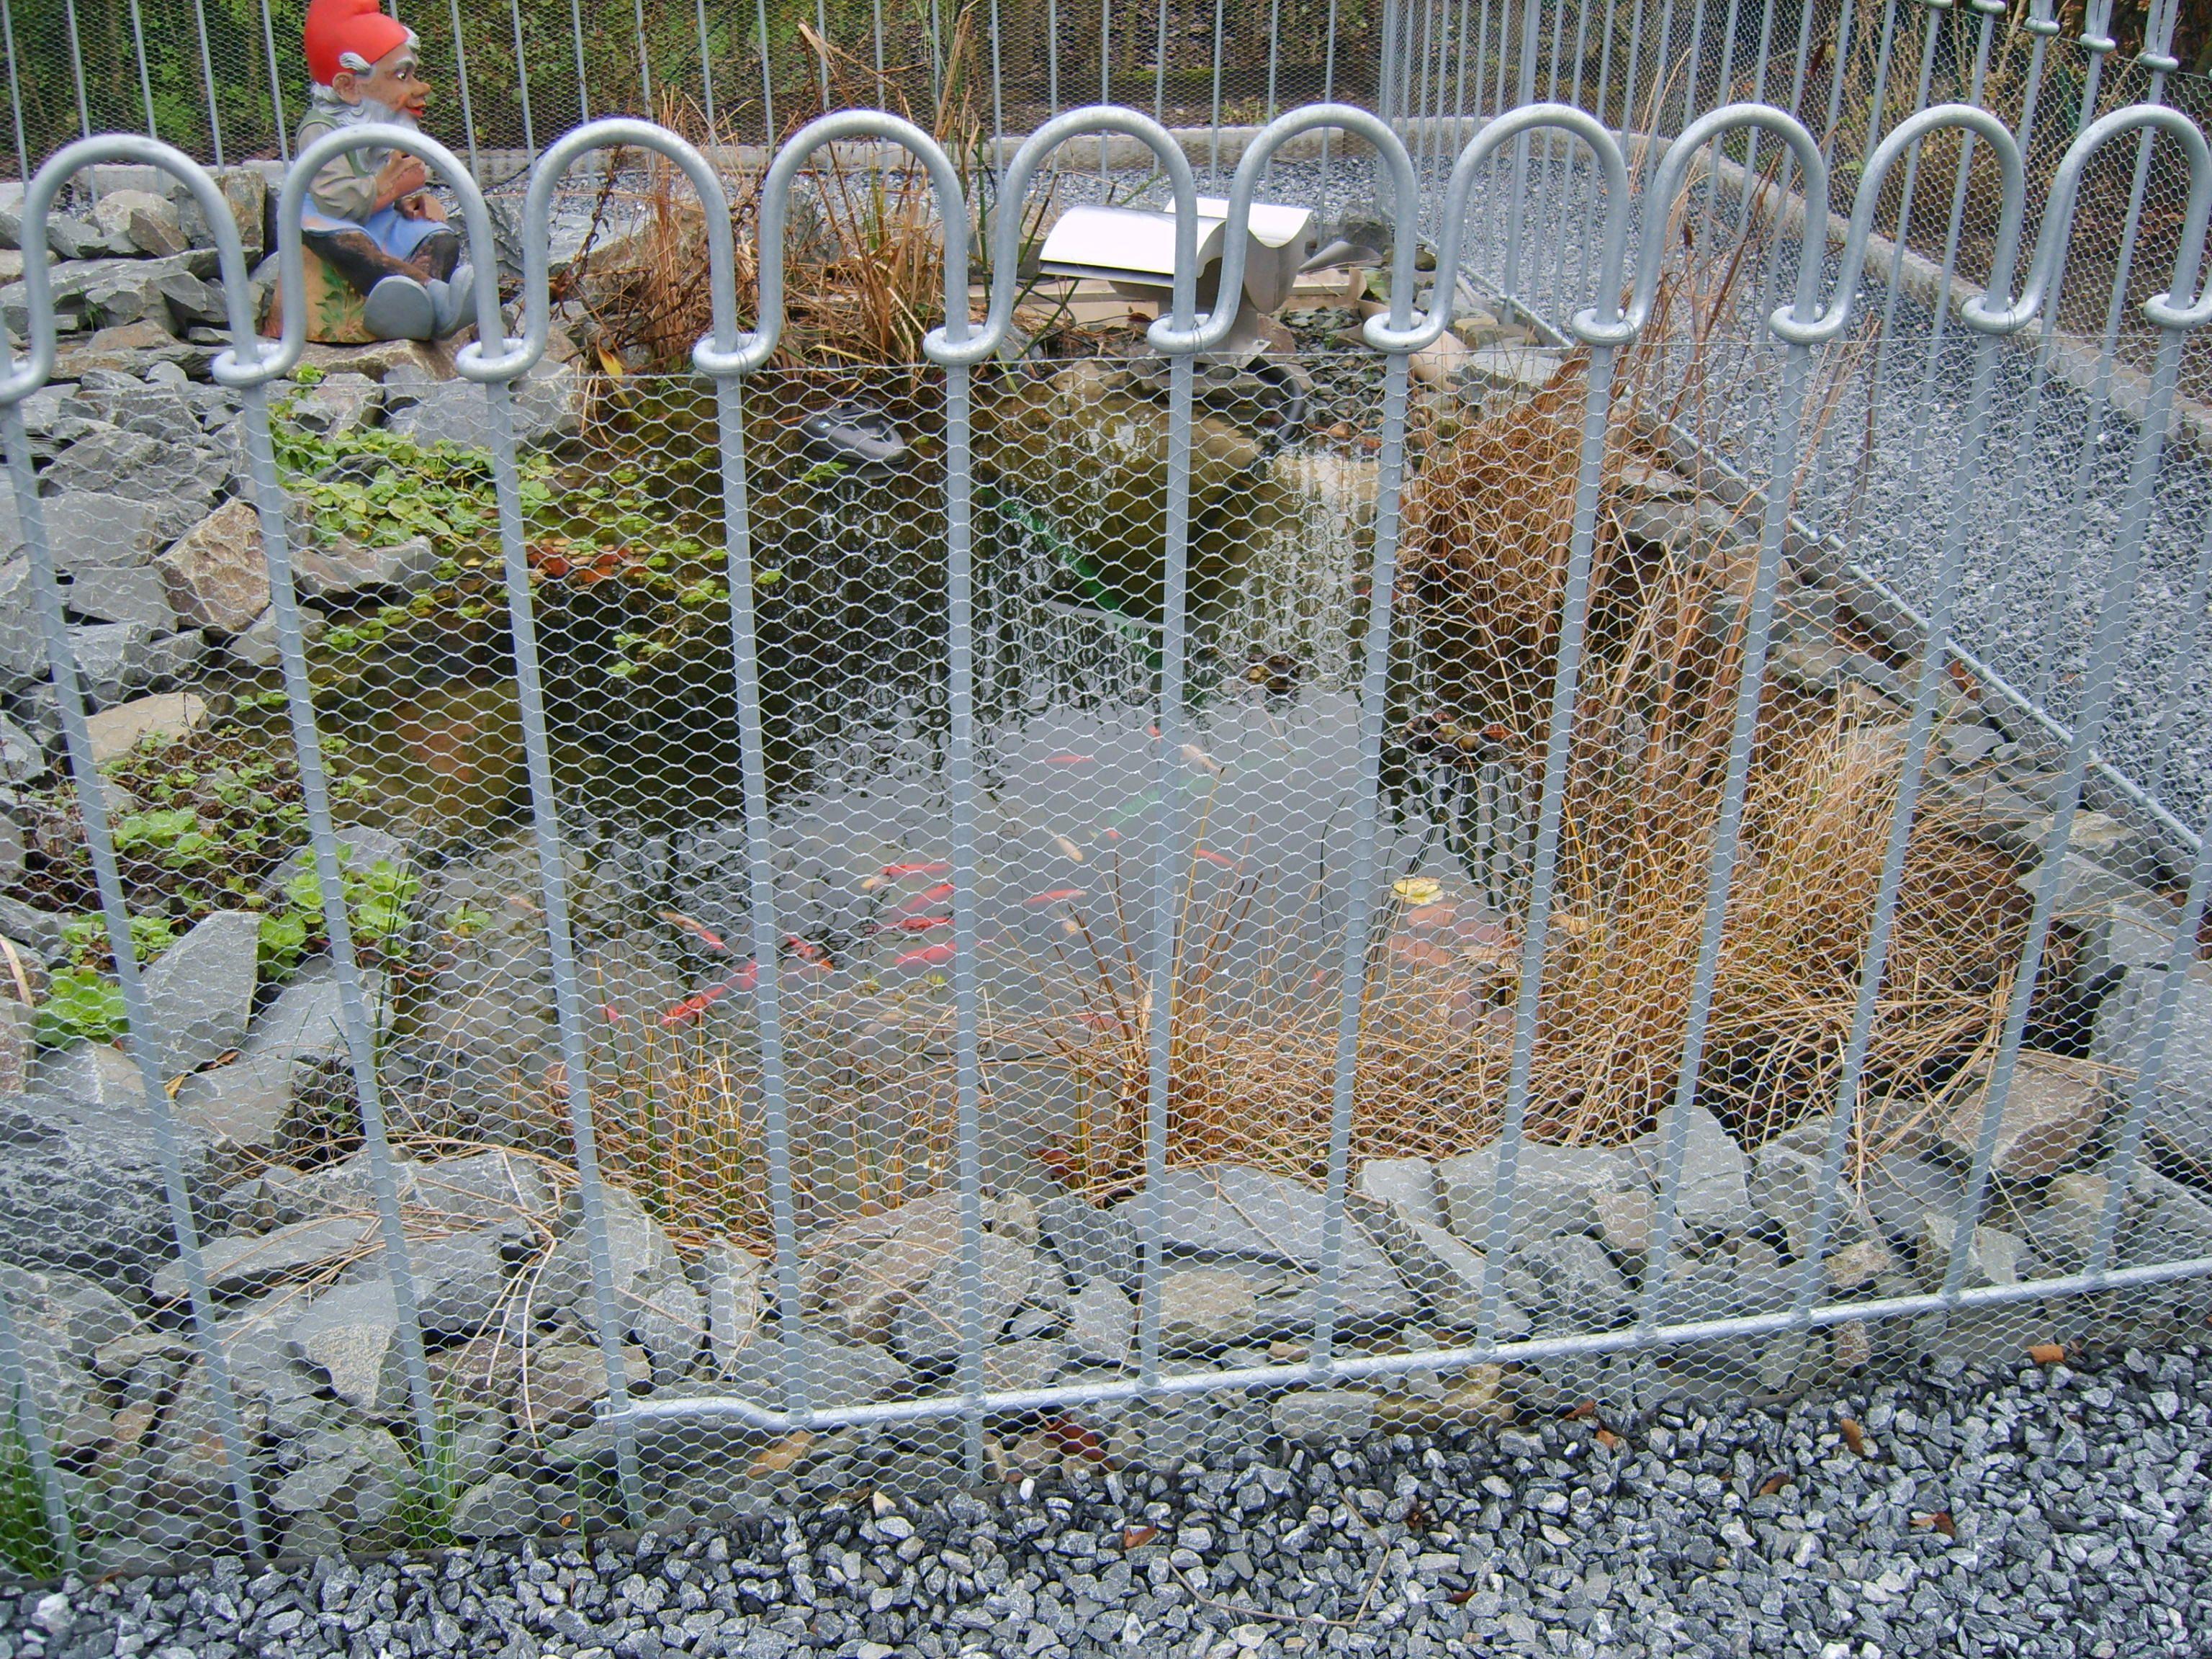 die beiden zaunteile, die links und rechts in den vorderen, Garten und erstellen